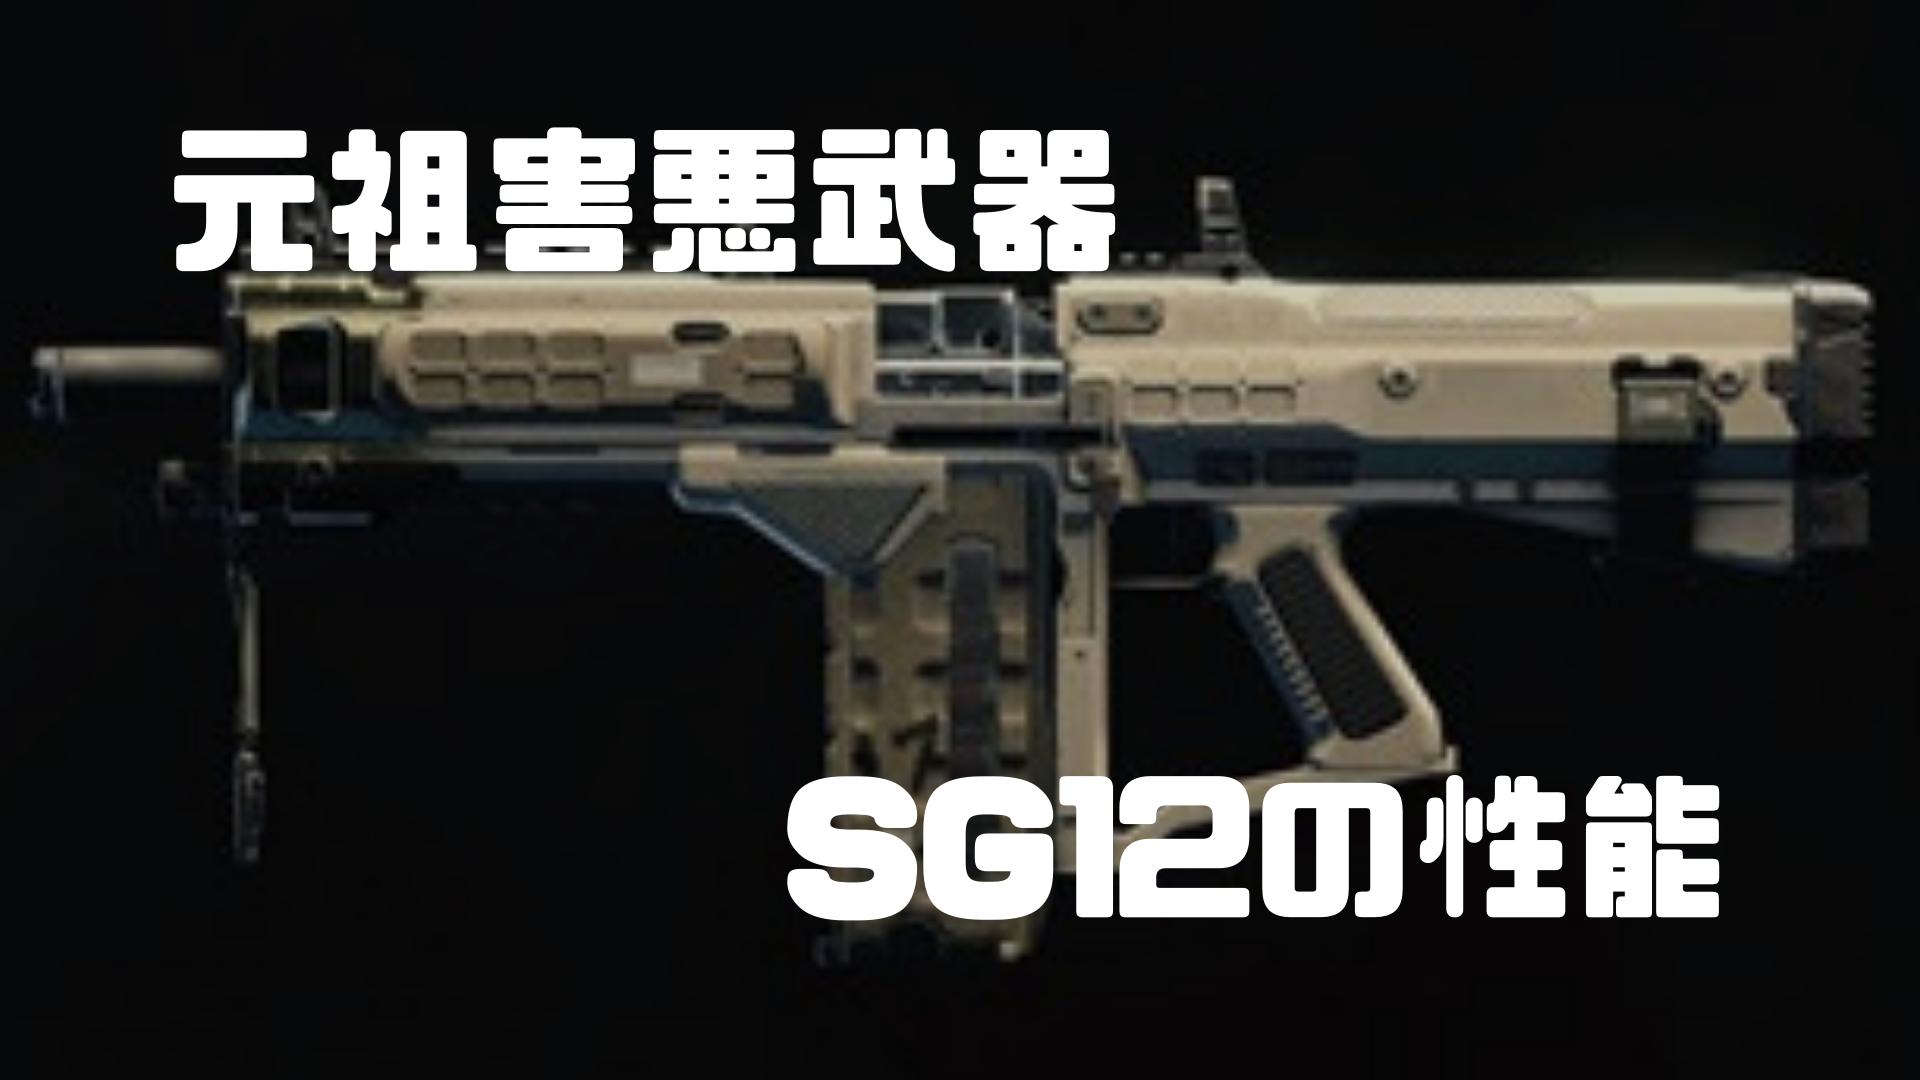 【BO4】ストロボが凶悪 SG12の評価